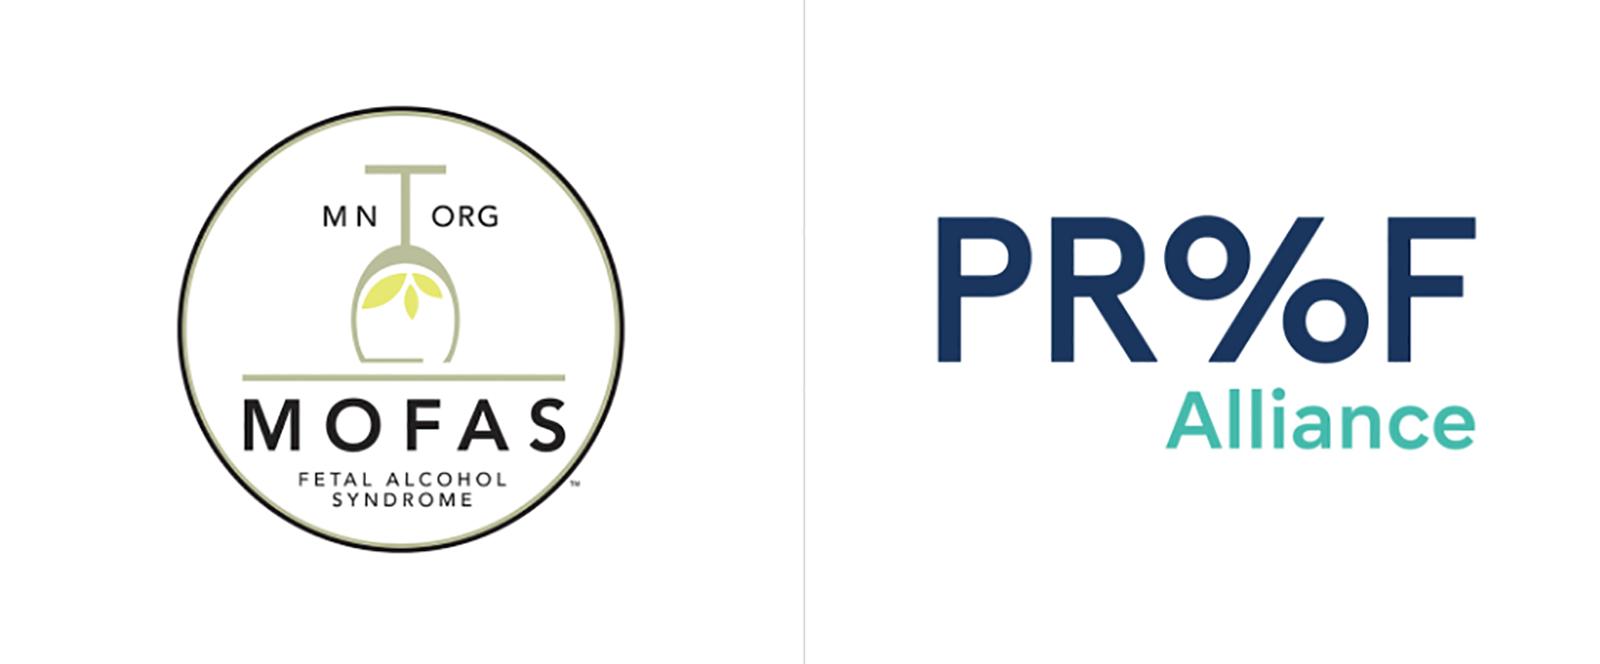 Proof Alliance 启用全新的品牌标志和VI形象设计-01